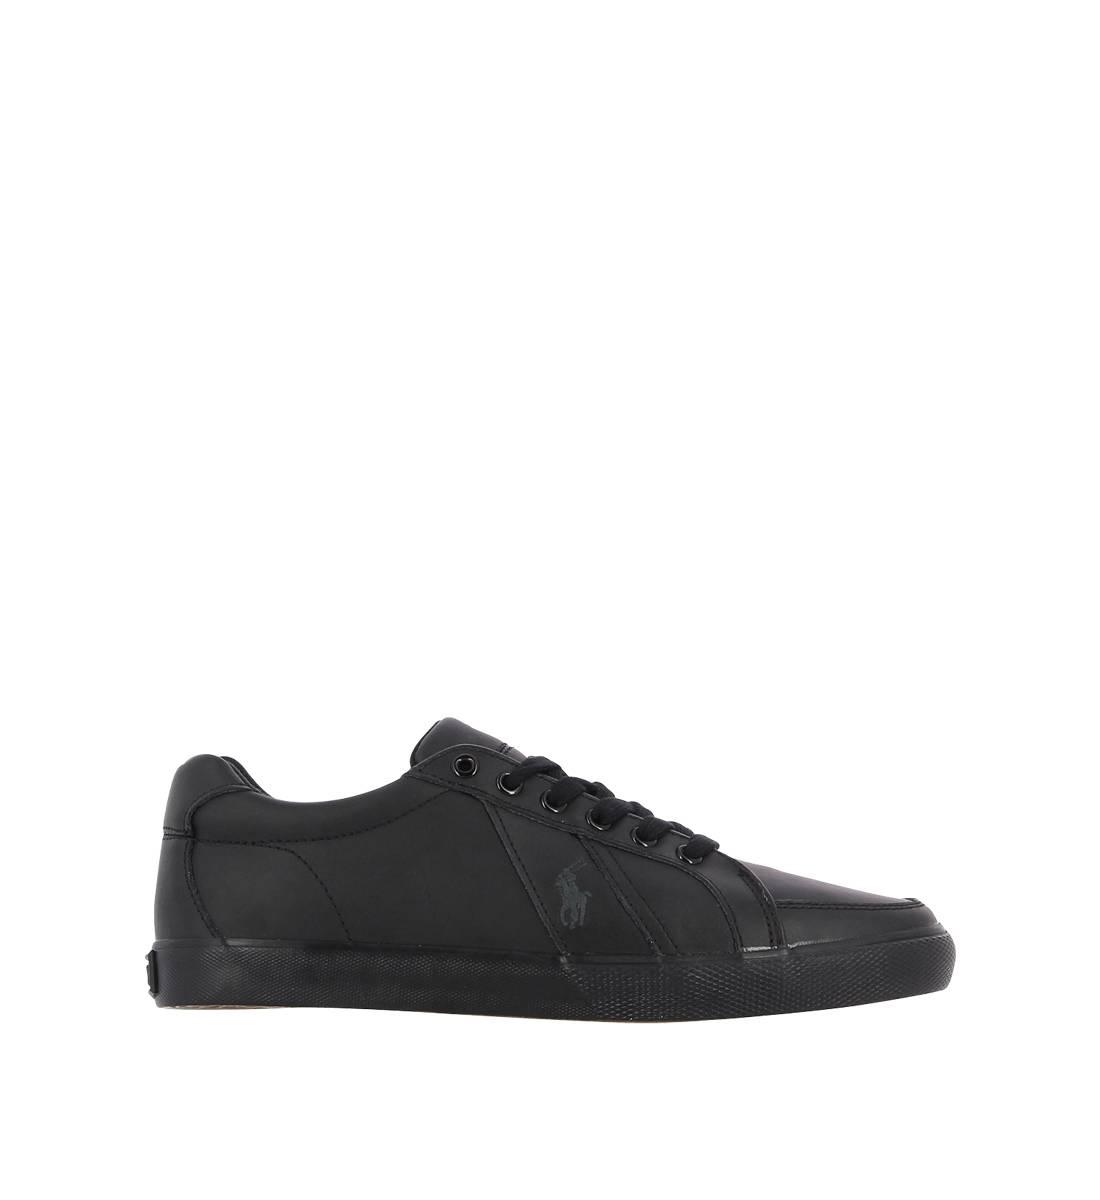 Sneakers femme ralph lauren